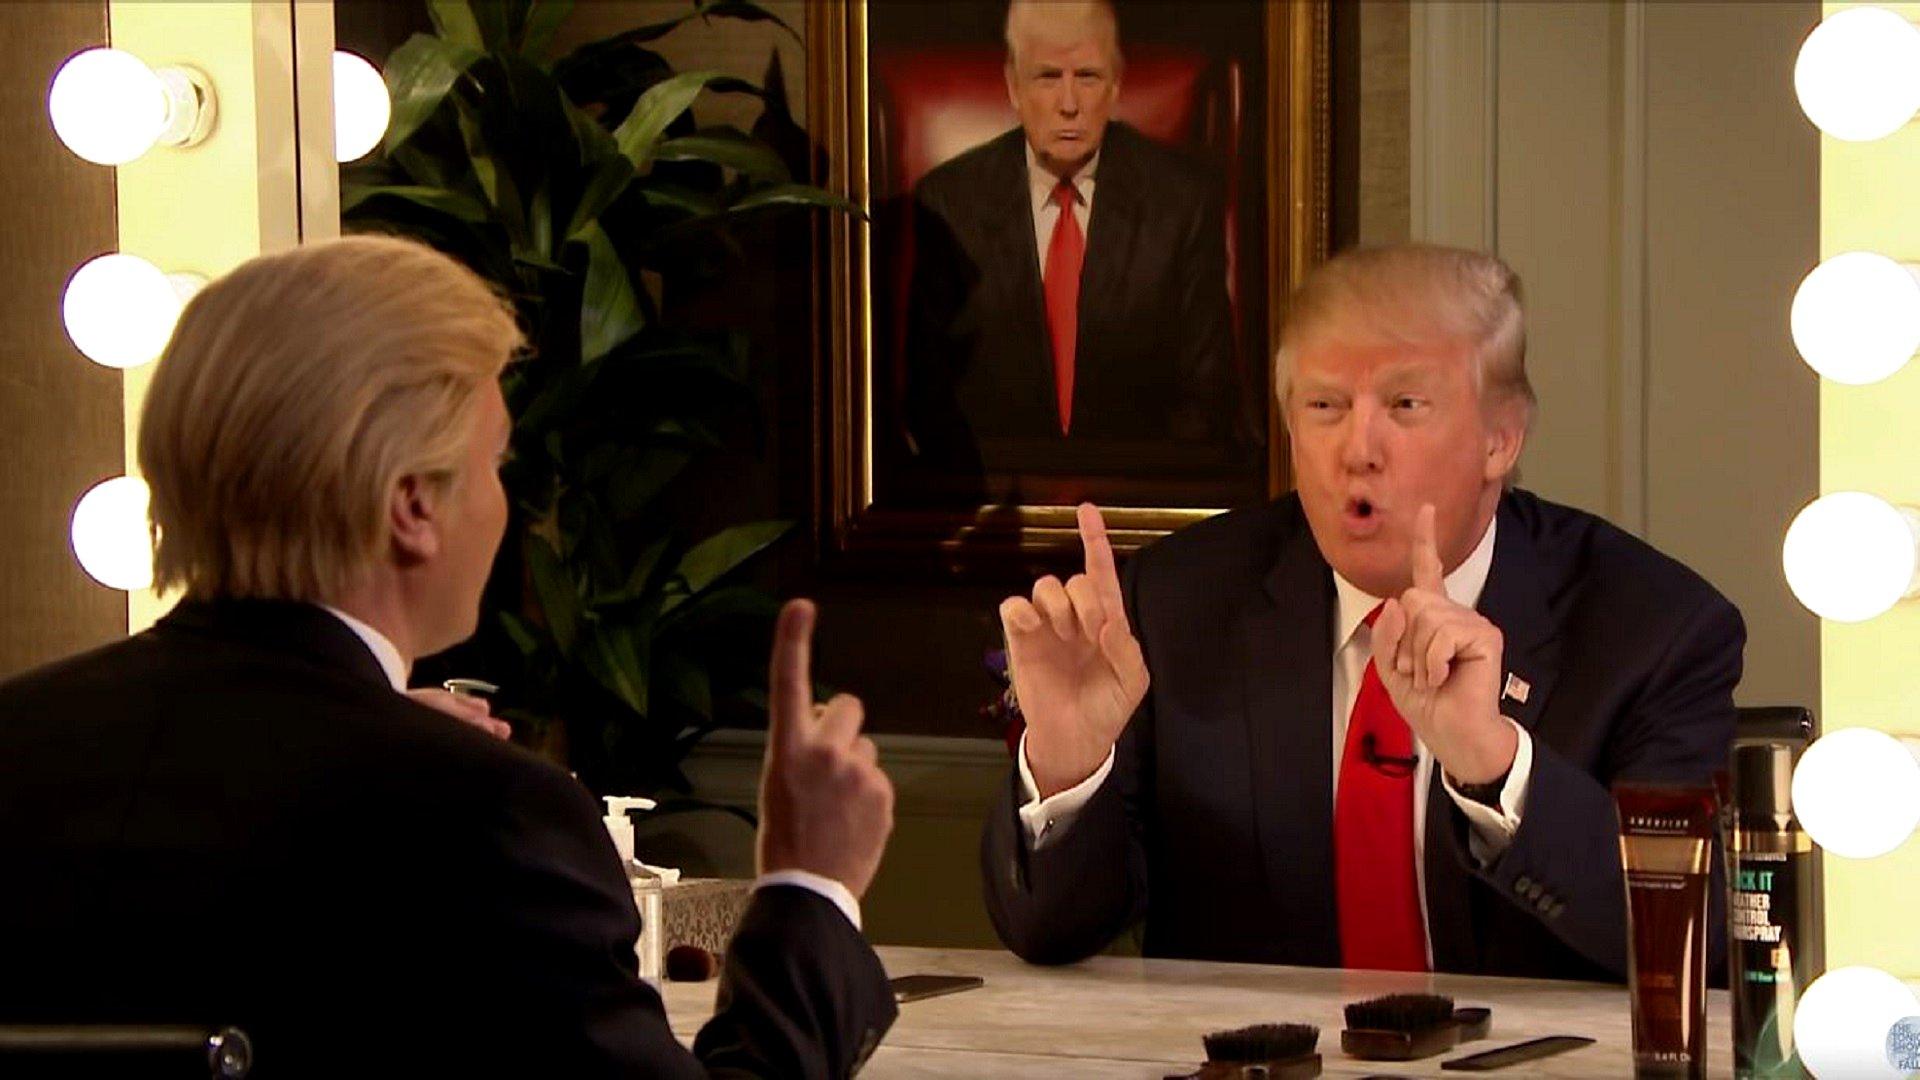 In der Tonight Show des US Senders NBC führt er das Interview als Donald Trump verkleidet vor einem leeren Spiegel; ihm gegenüber der echte Trump.